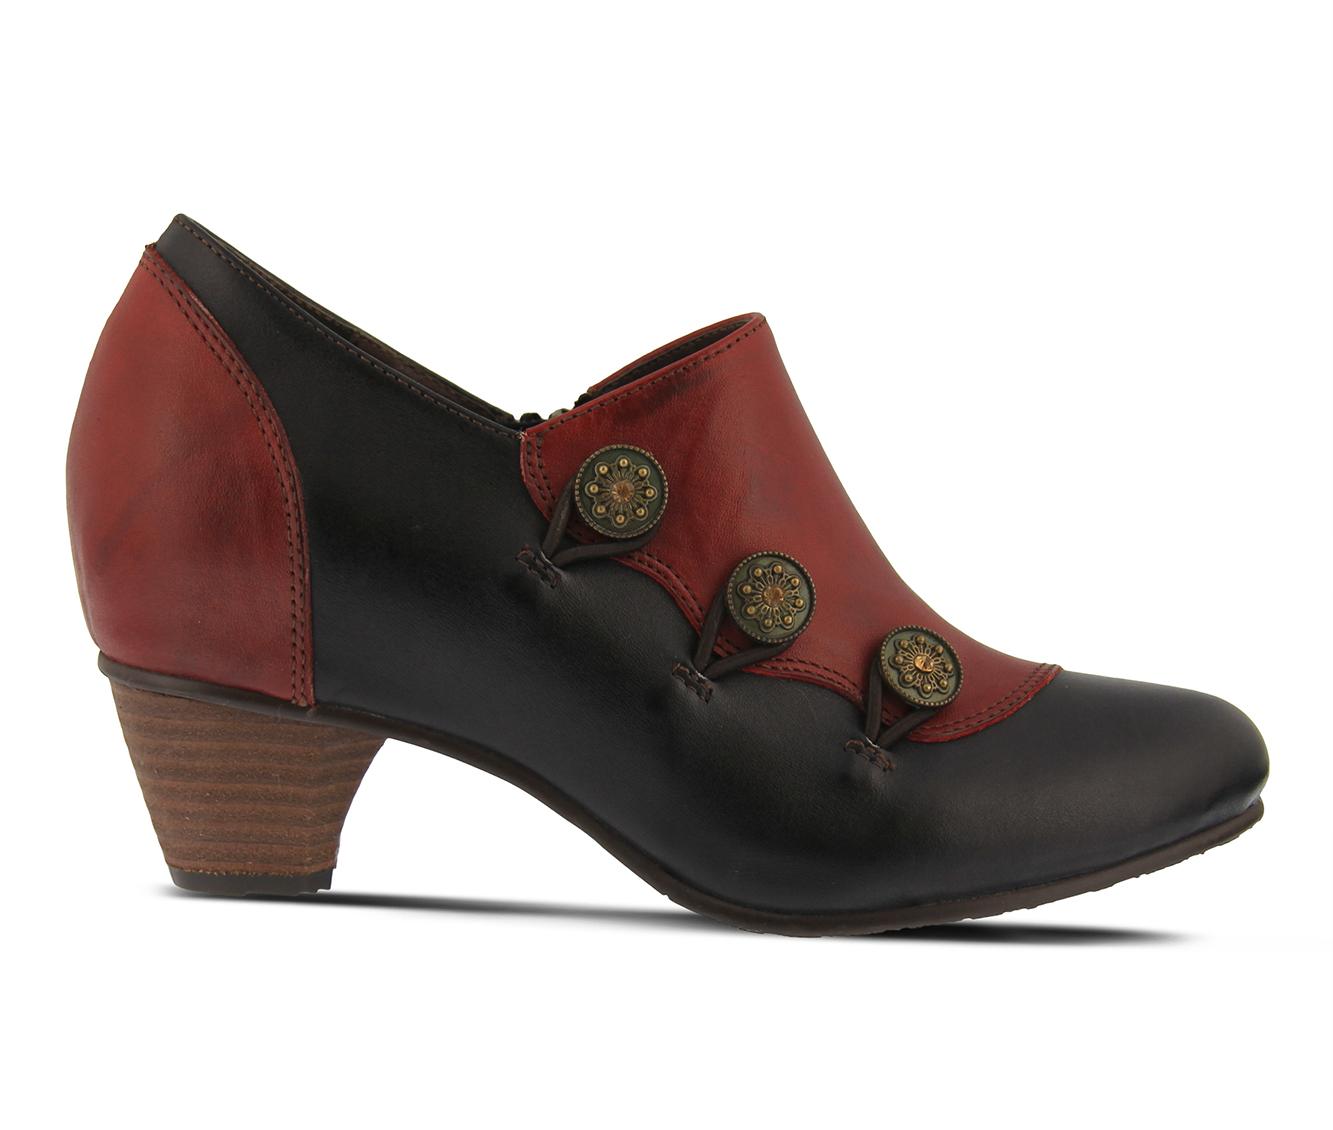 L'Artiste Greentea Women's Dress Shoe (Red Leather)